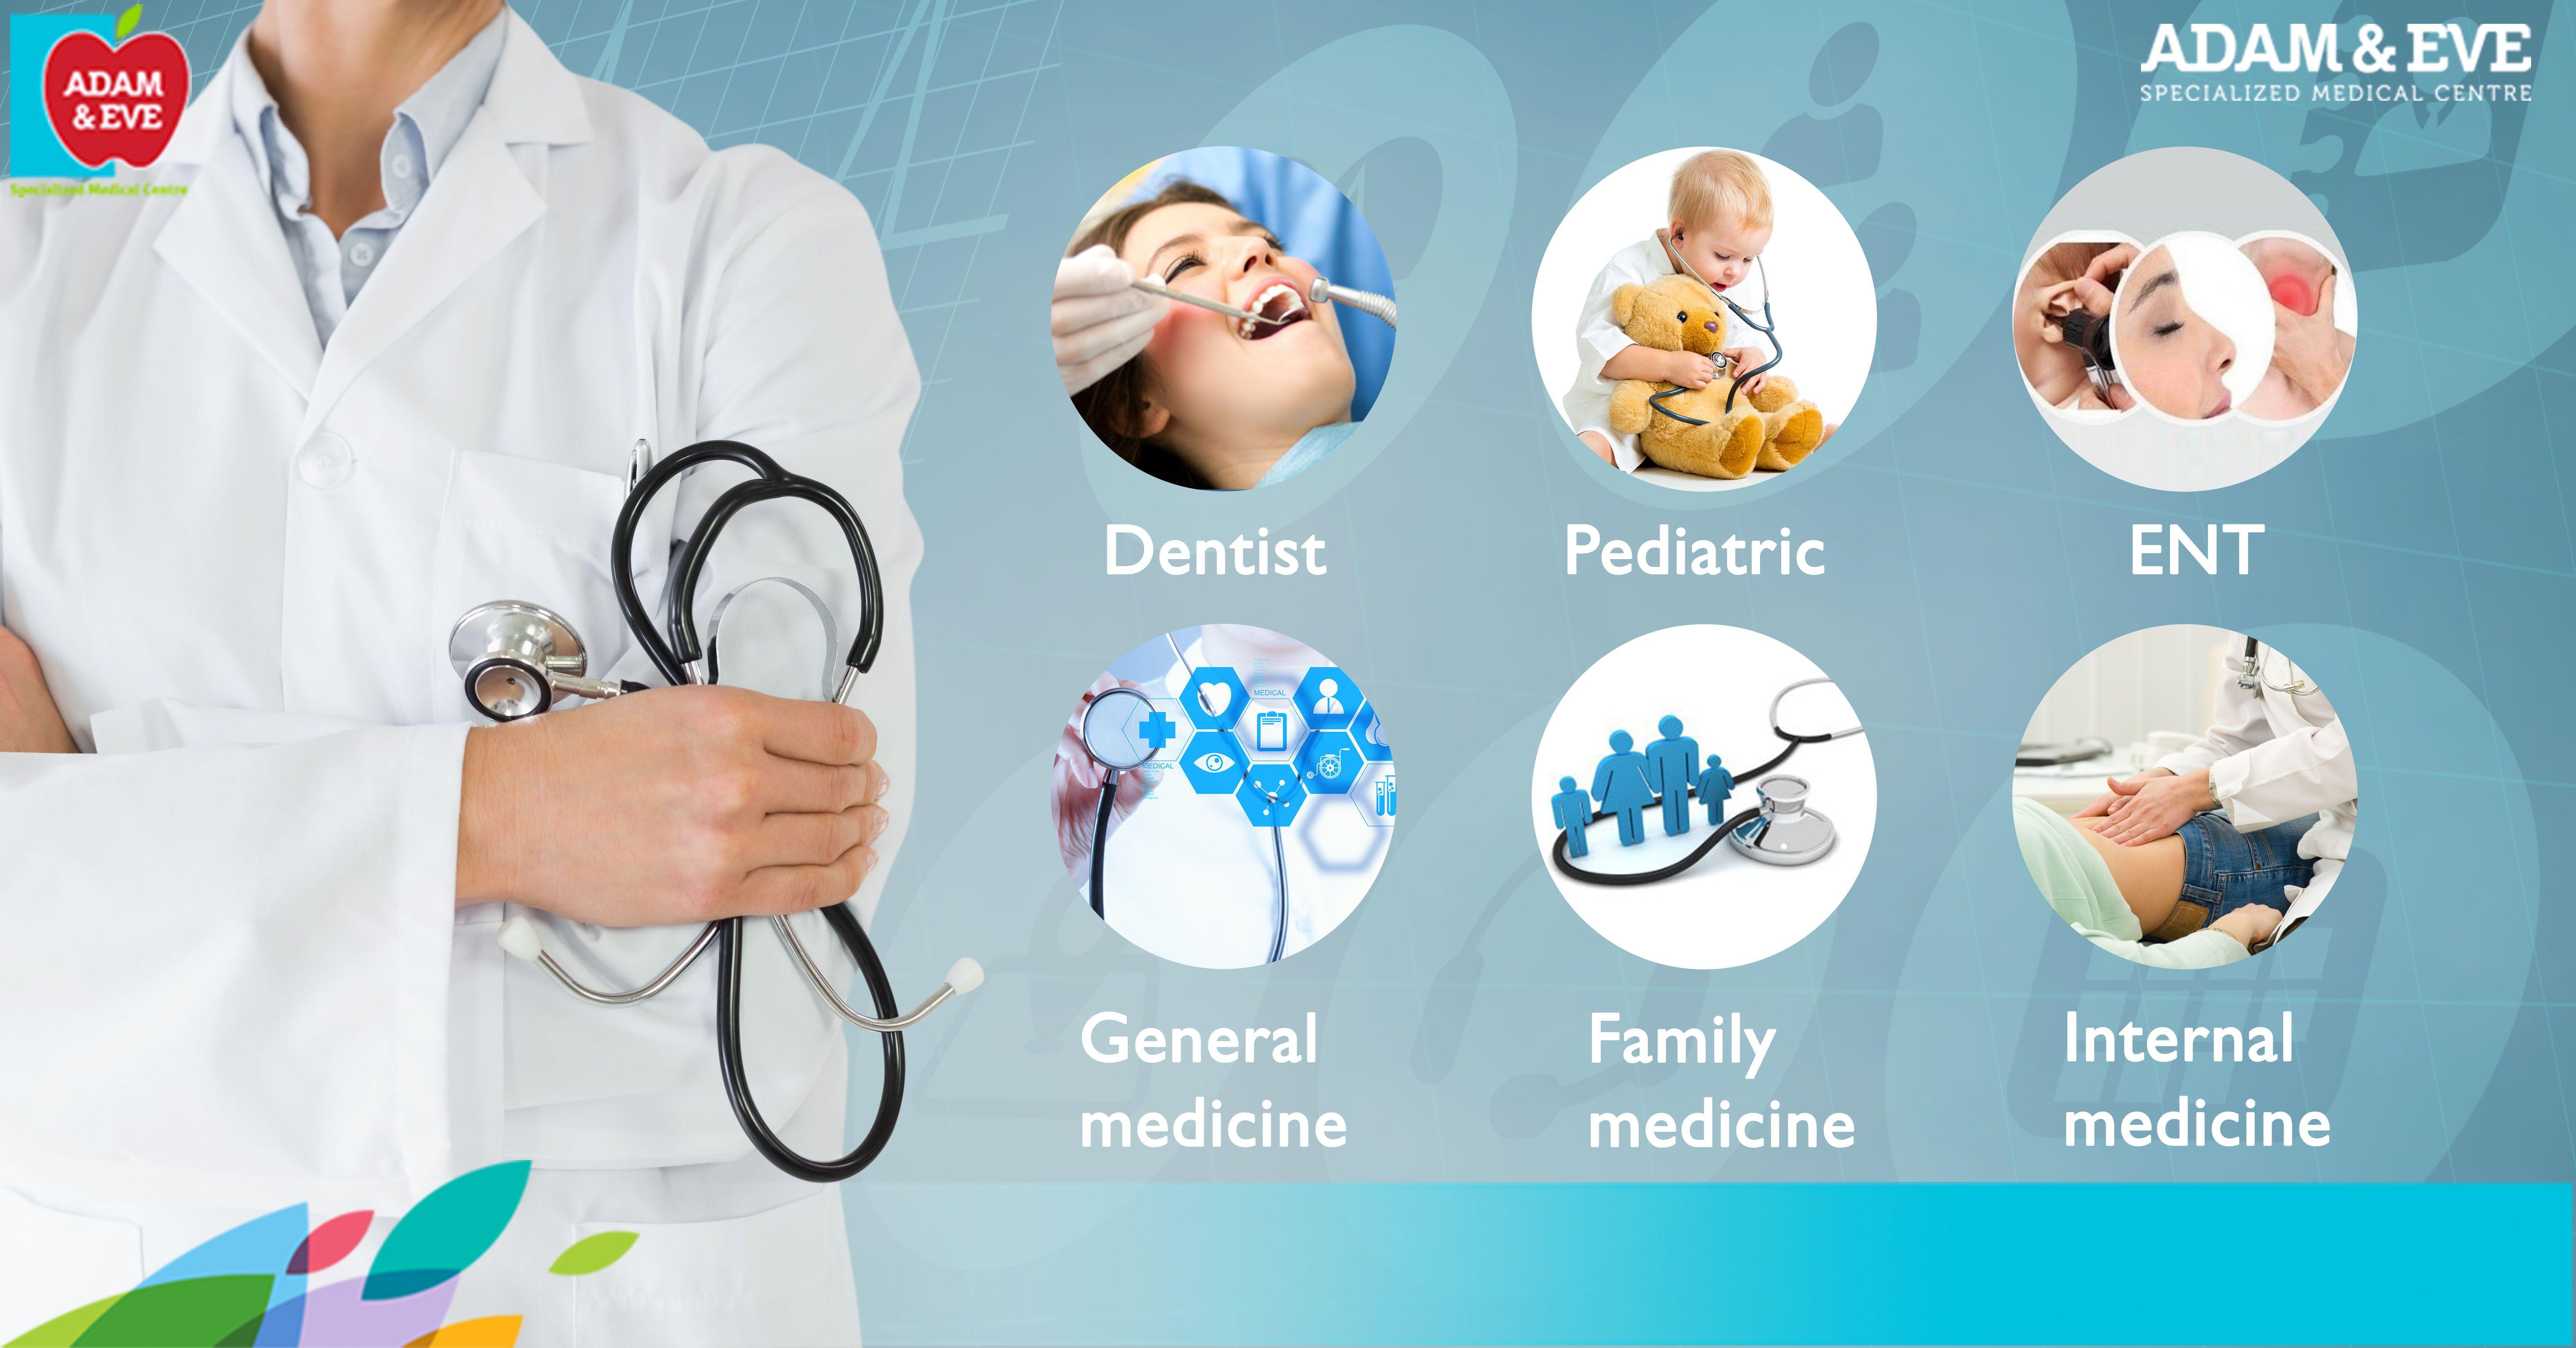 AESMC Services 1. General Medicine 2. Dentistry 3